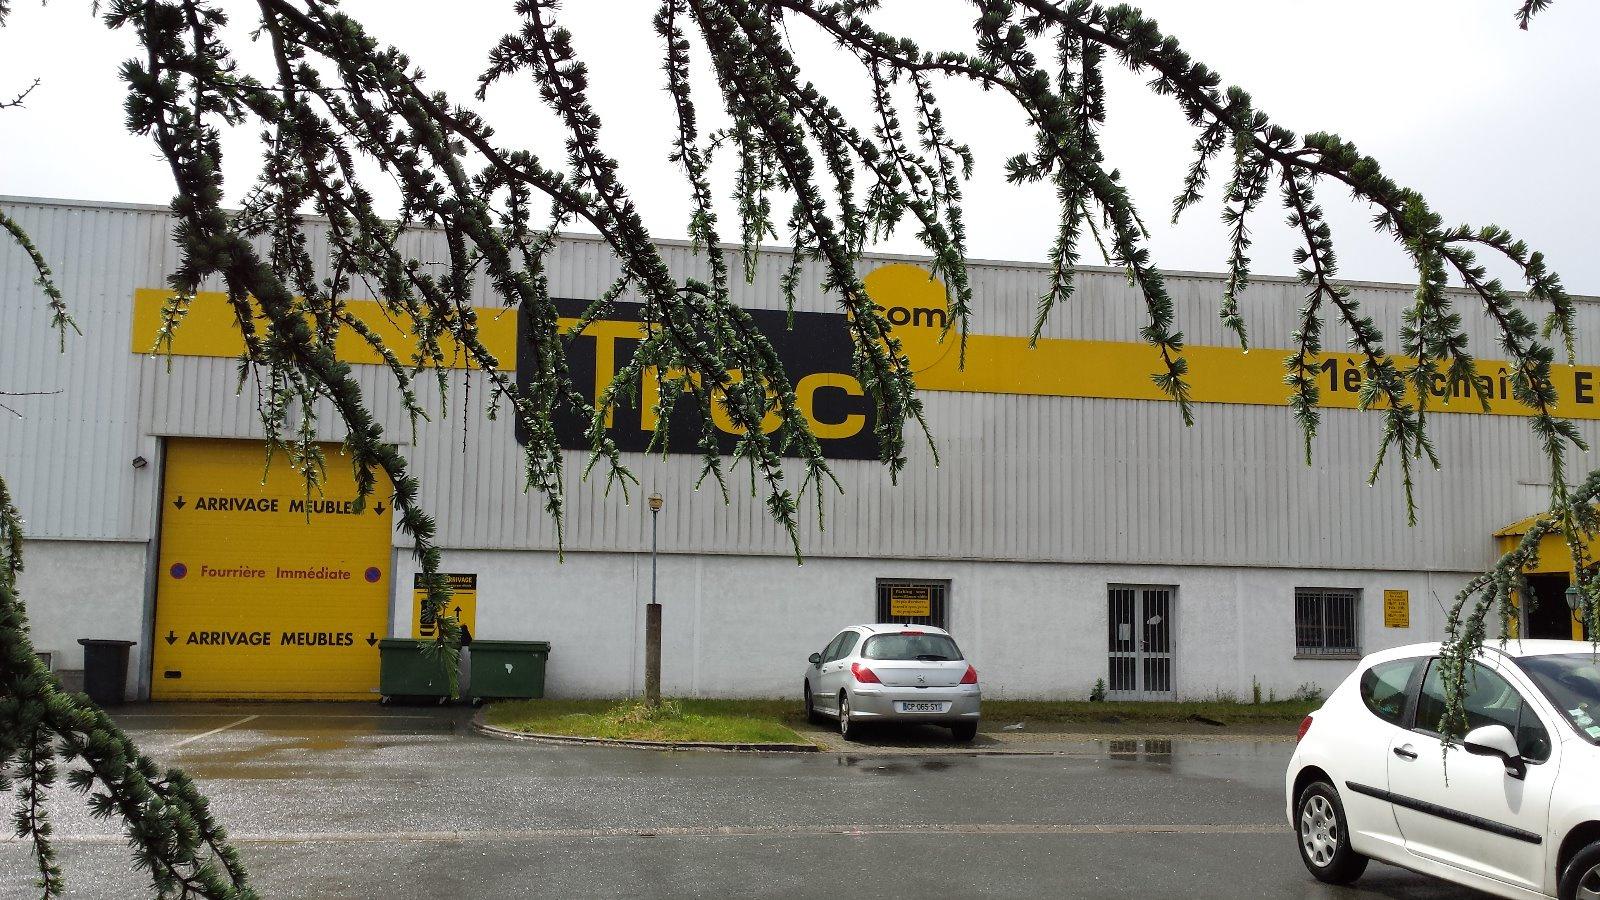 Vente Immobilier Professionnel Local commercial Mérignac (33700)